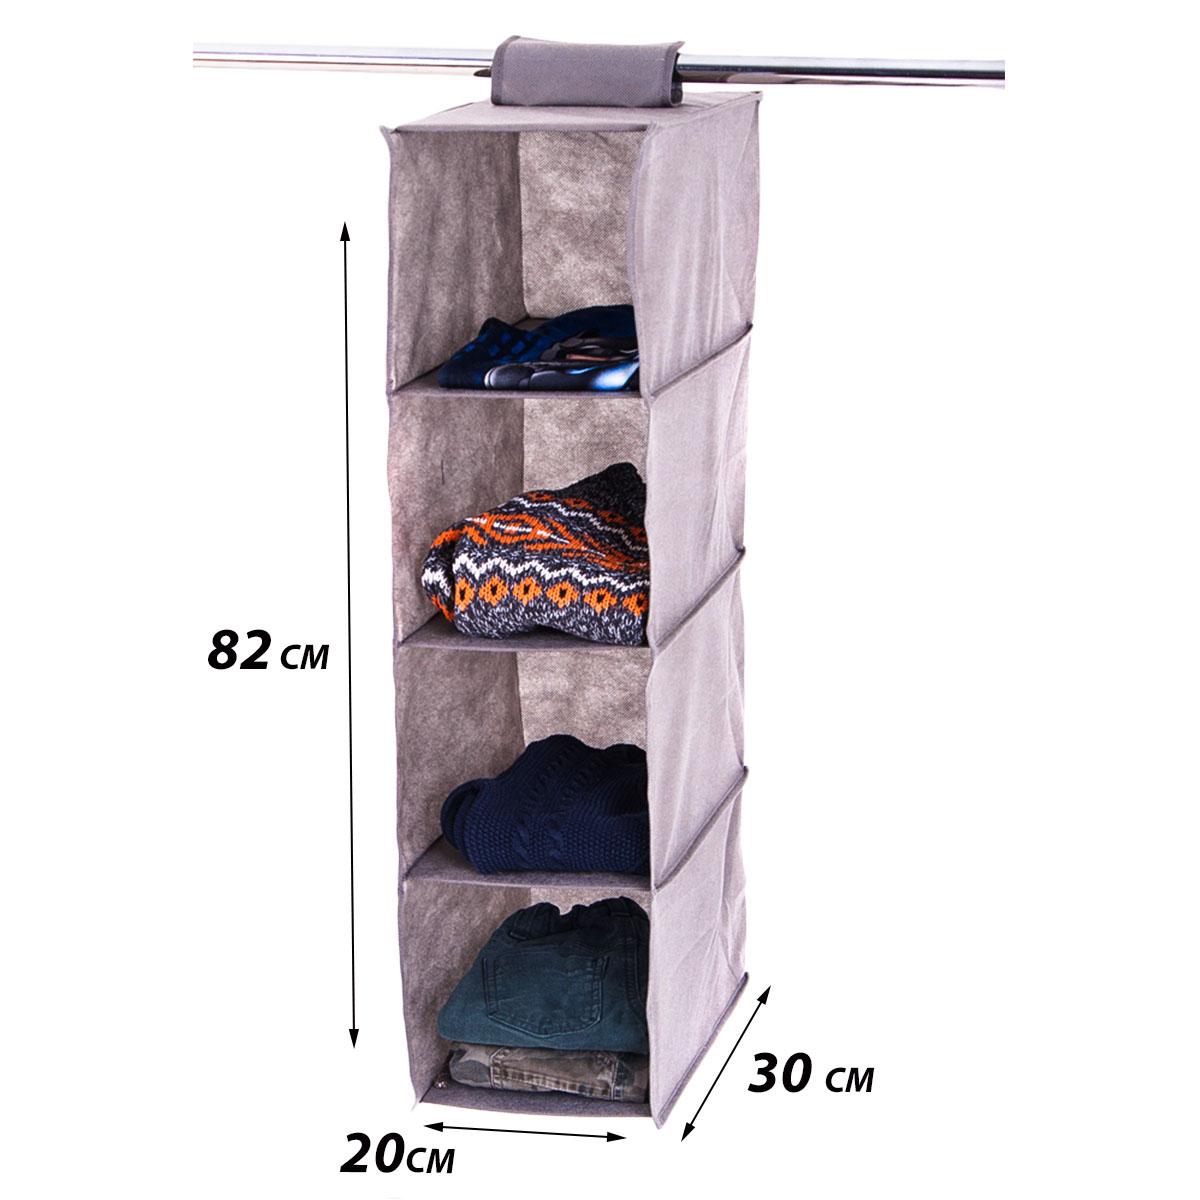 подвесной модуль-полка для хранения вещей